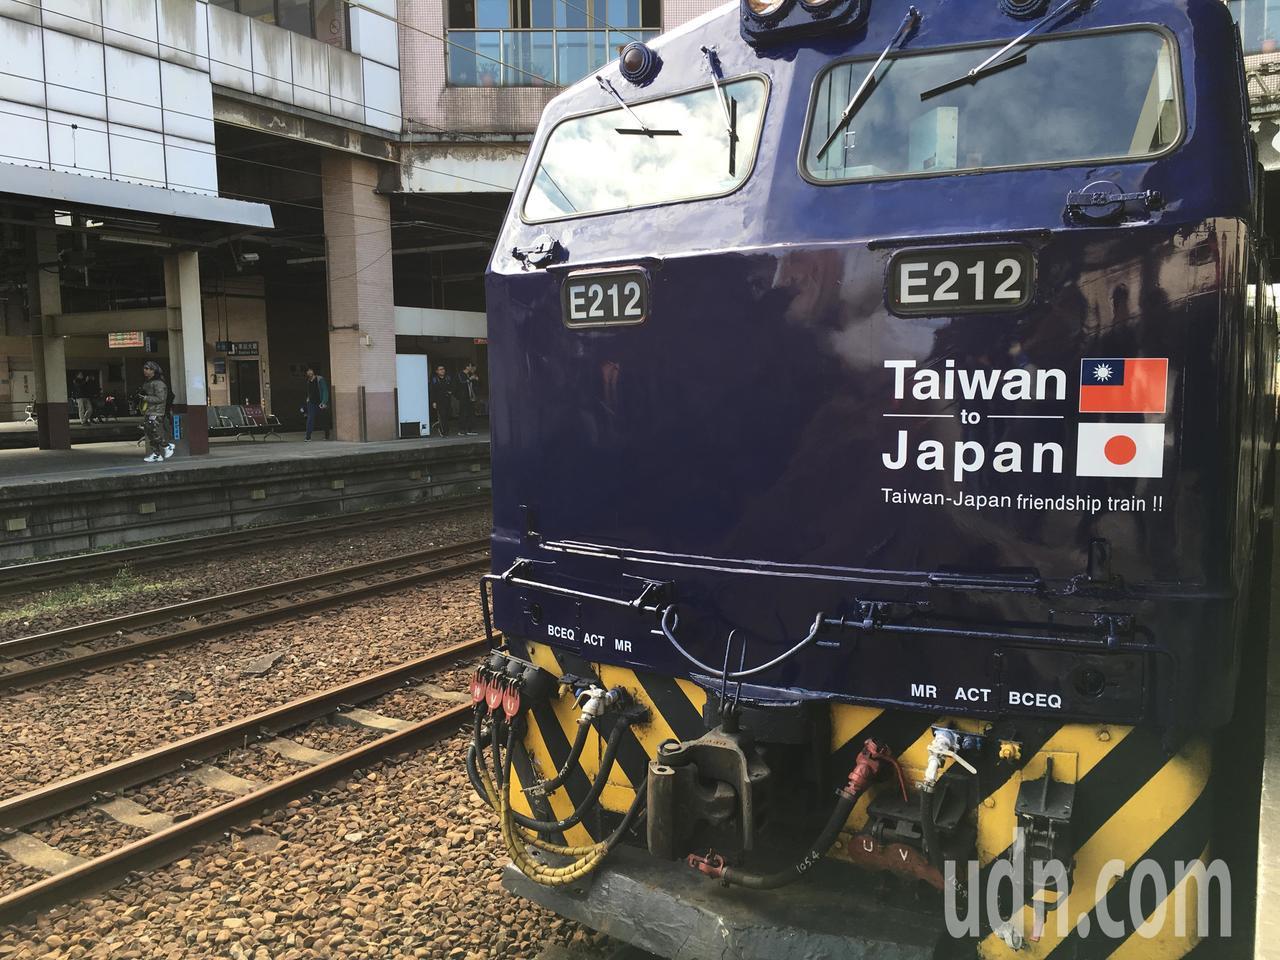 日本南海電鐵與台鐵合作,推出彩繪列車「台日友誼號」。記者吳姿賢/攝影